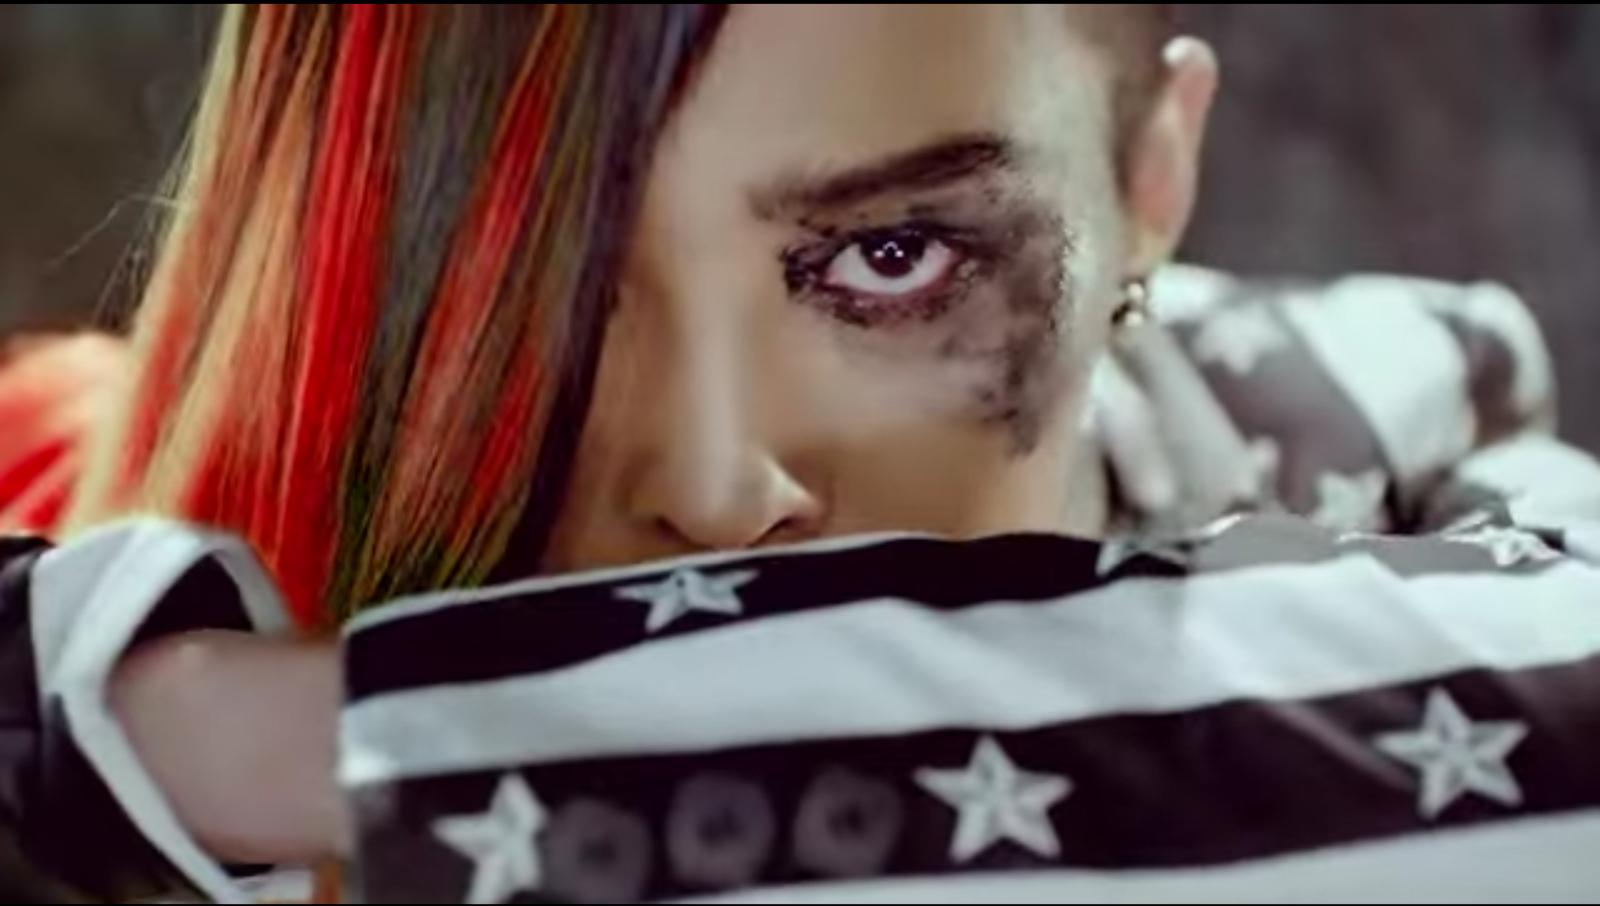 K-pop and EXO, BIGBANG, Girls' Generation: Inside the weirdest, most